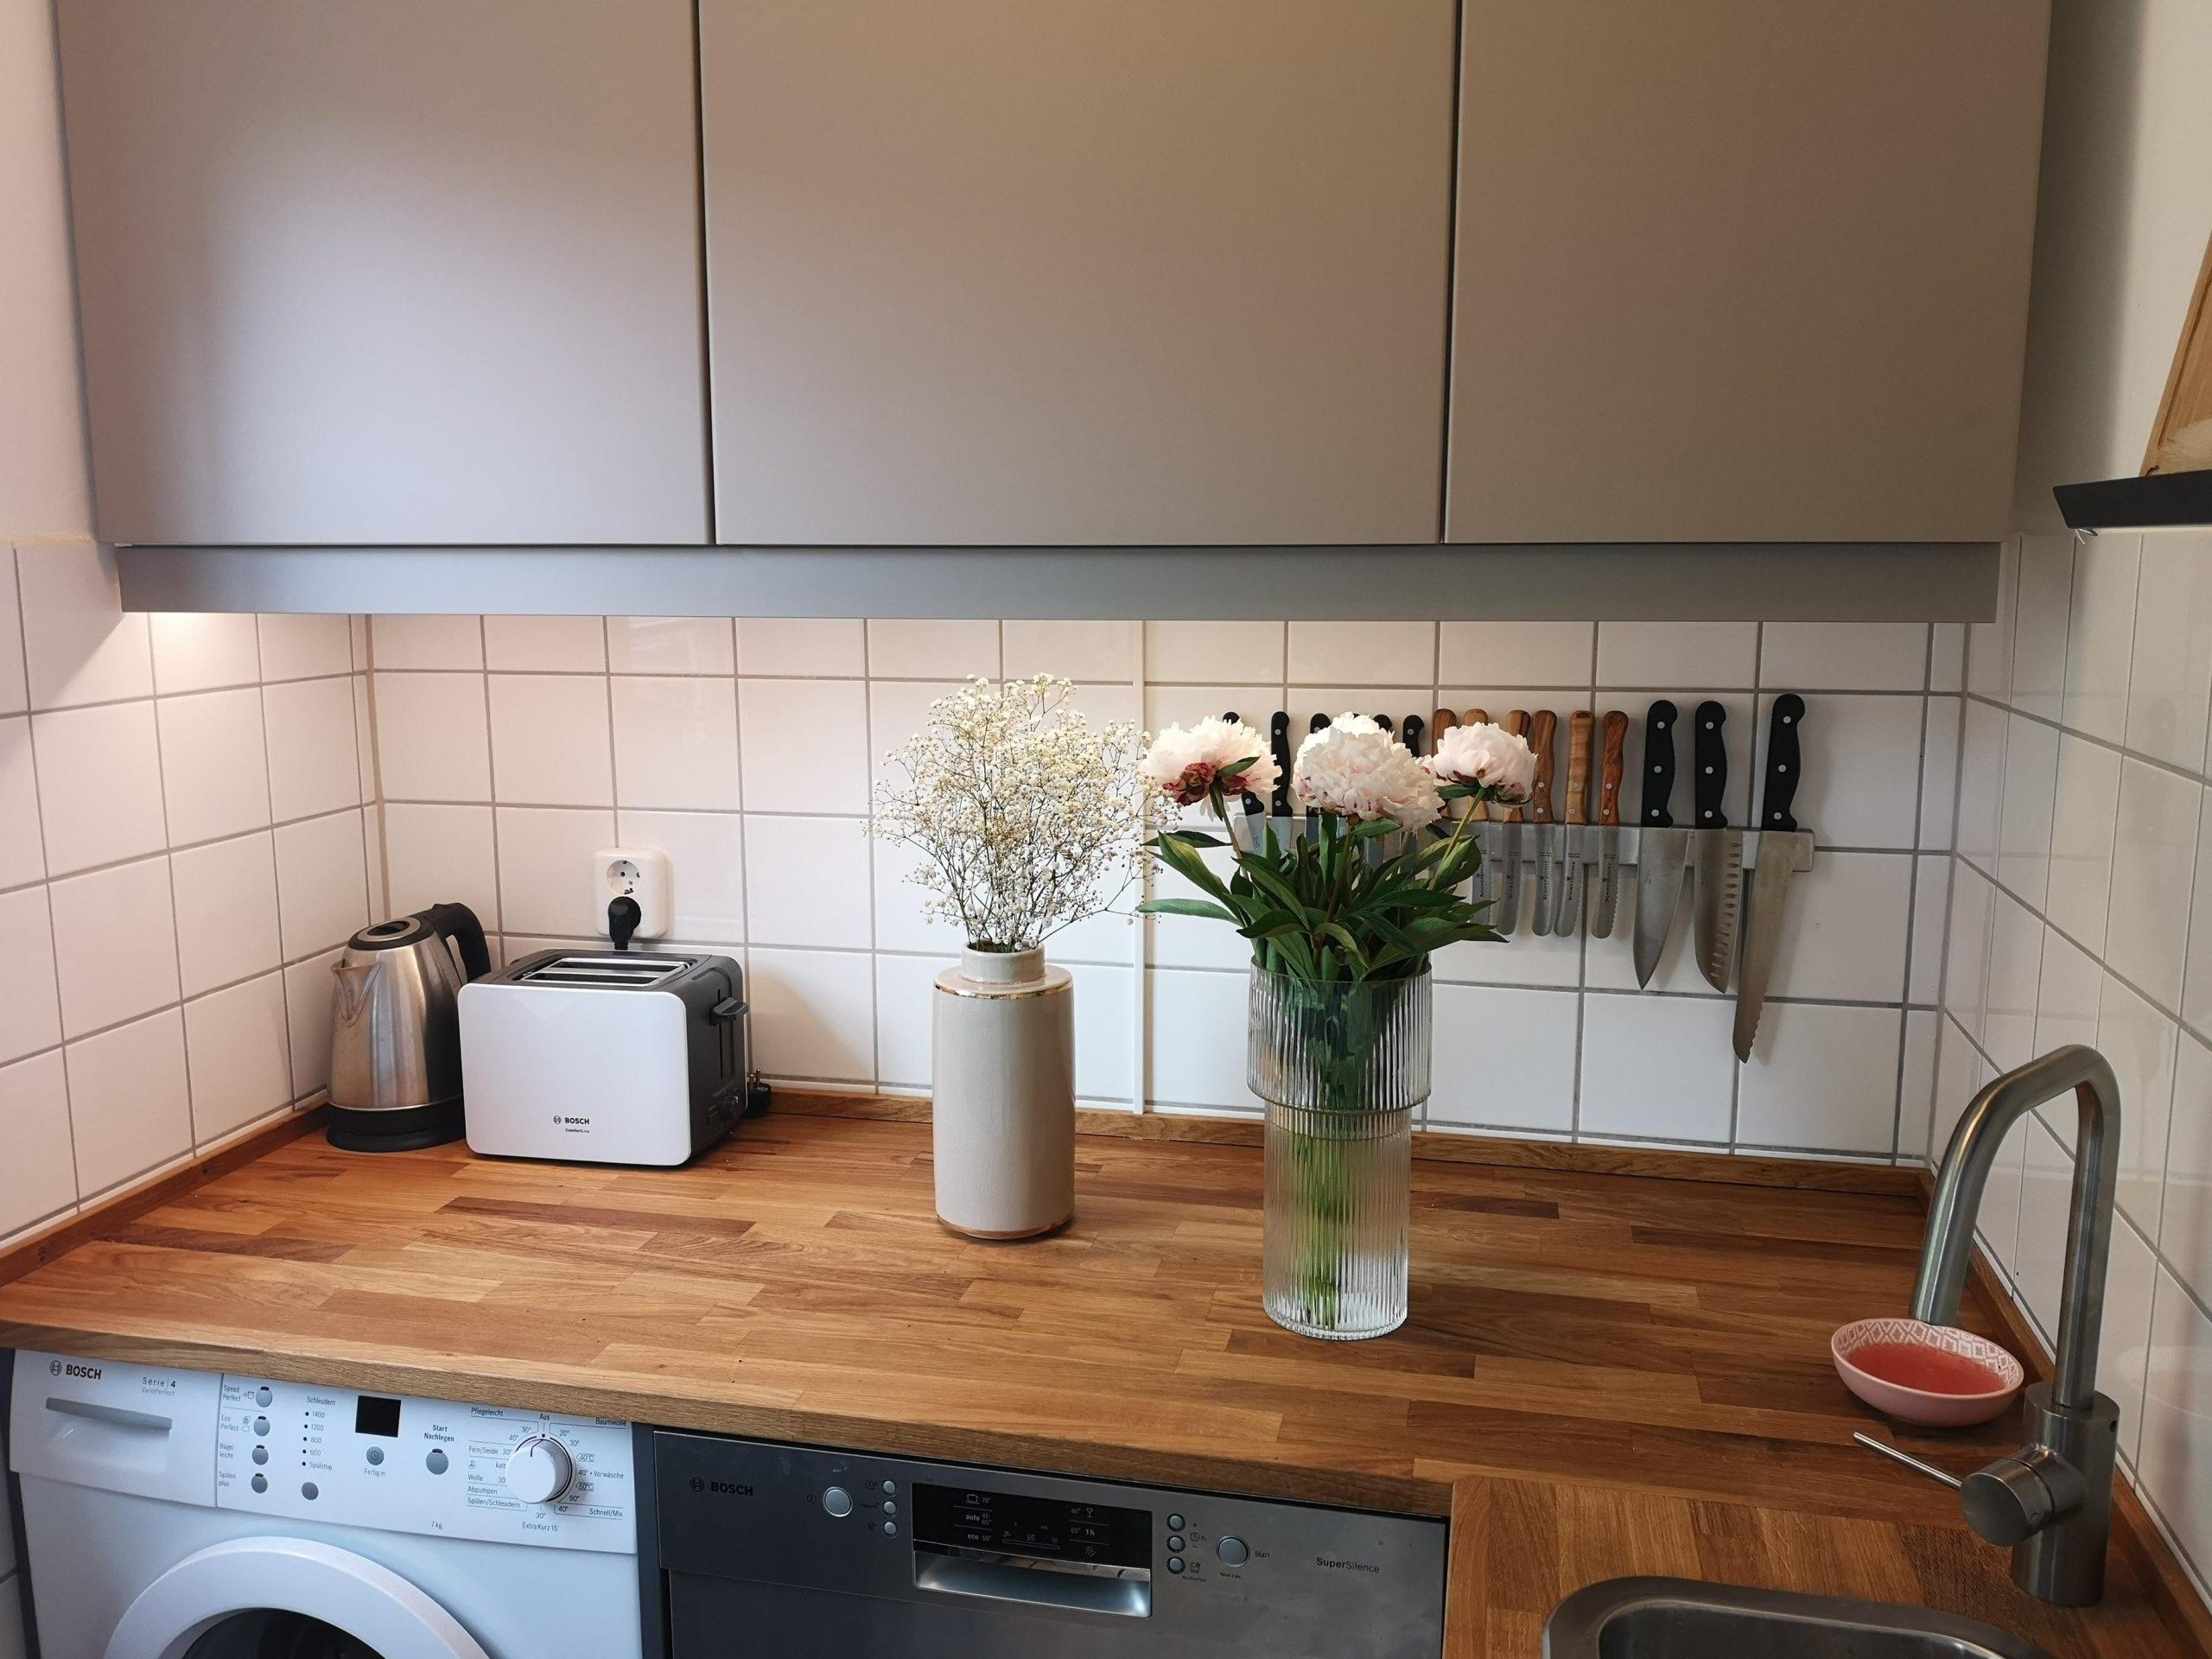 Full Size of Miniküche Mit Kühlschrank 120 Miniküche Mit Kühlschrank Ohne Kochfeld Respekta Miniküche Mit Kühlschrank Miniküche Mit Kühlschrank Preisvergleich Küche Miniküche Mit Kühlschrank